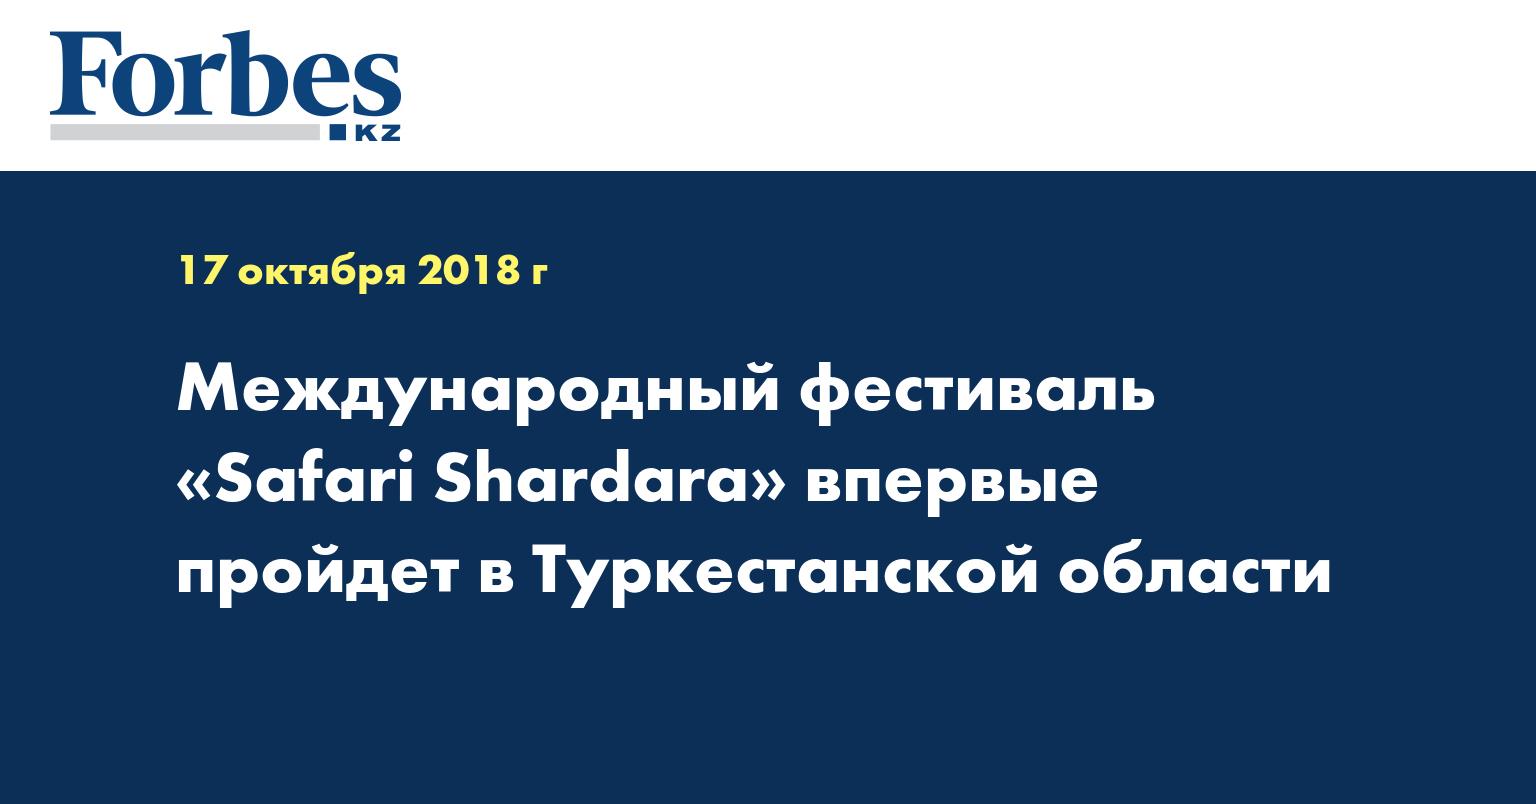 Международный фестиваль «Safari Shardara» впервые пройдет в Туркестанской области